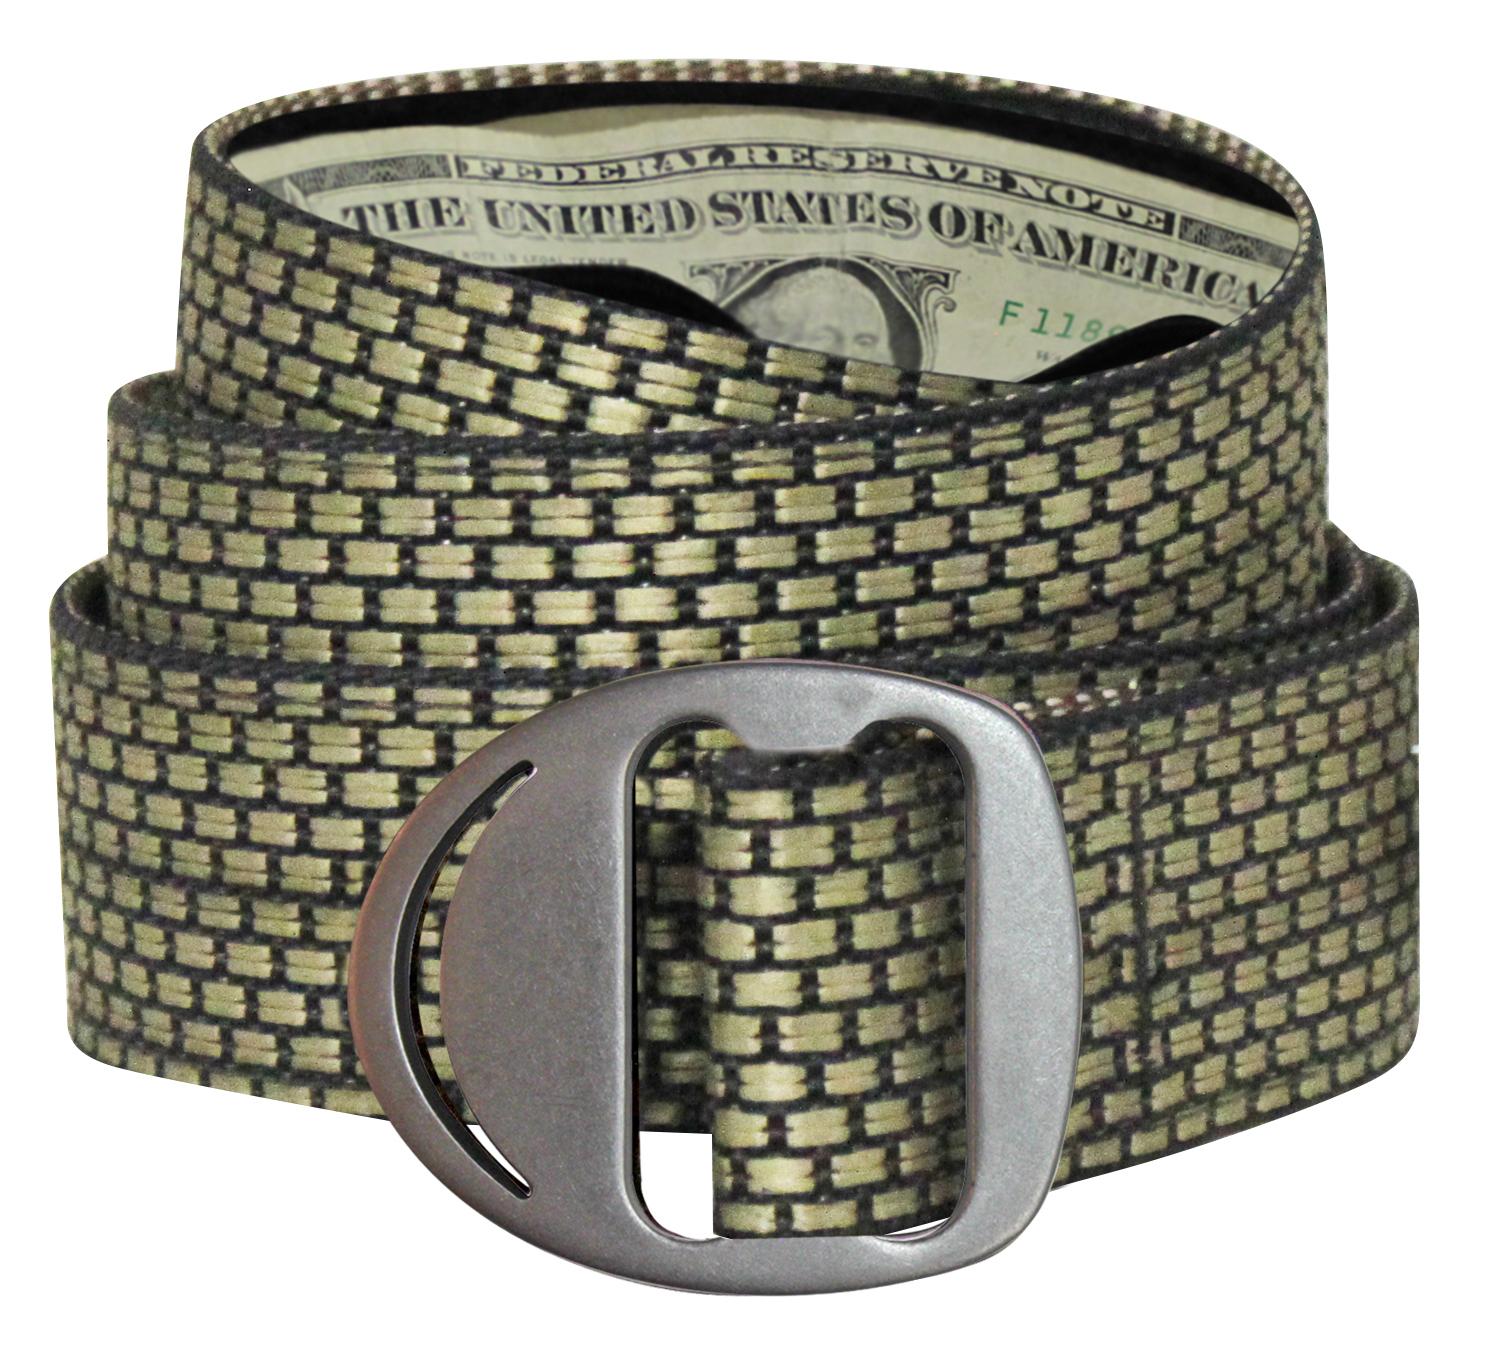 Bison Designs 38mm Chinchilla // Medium Crescent Gunmetal Buckle Belt